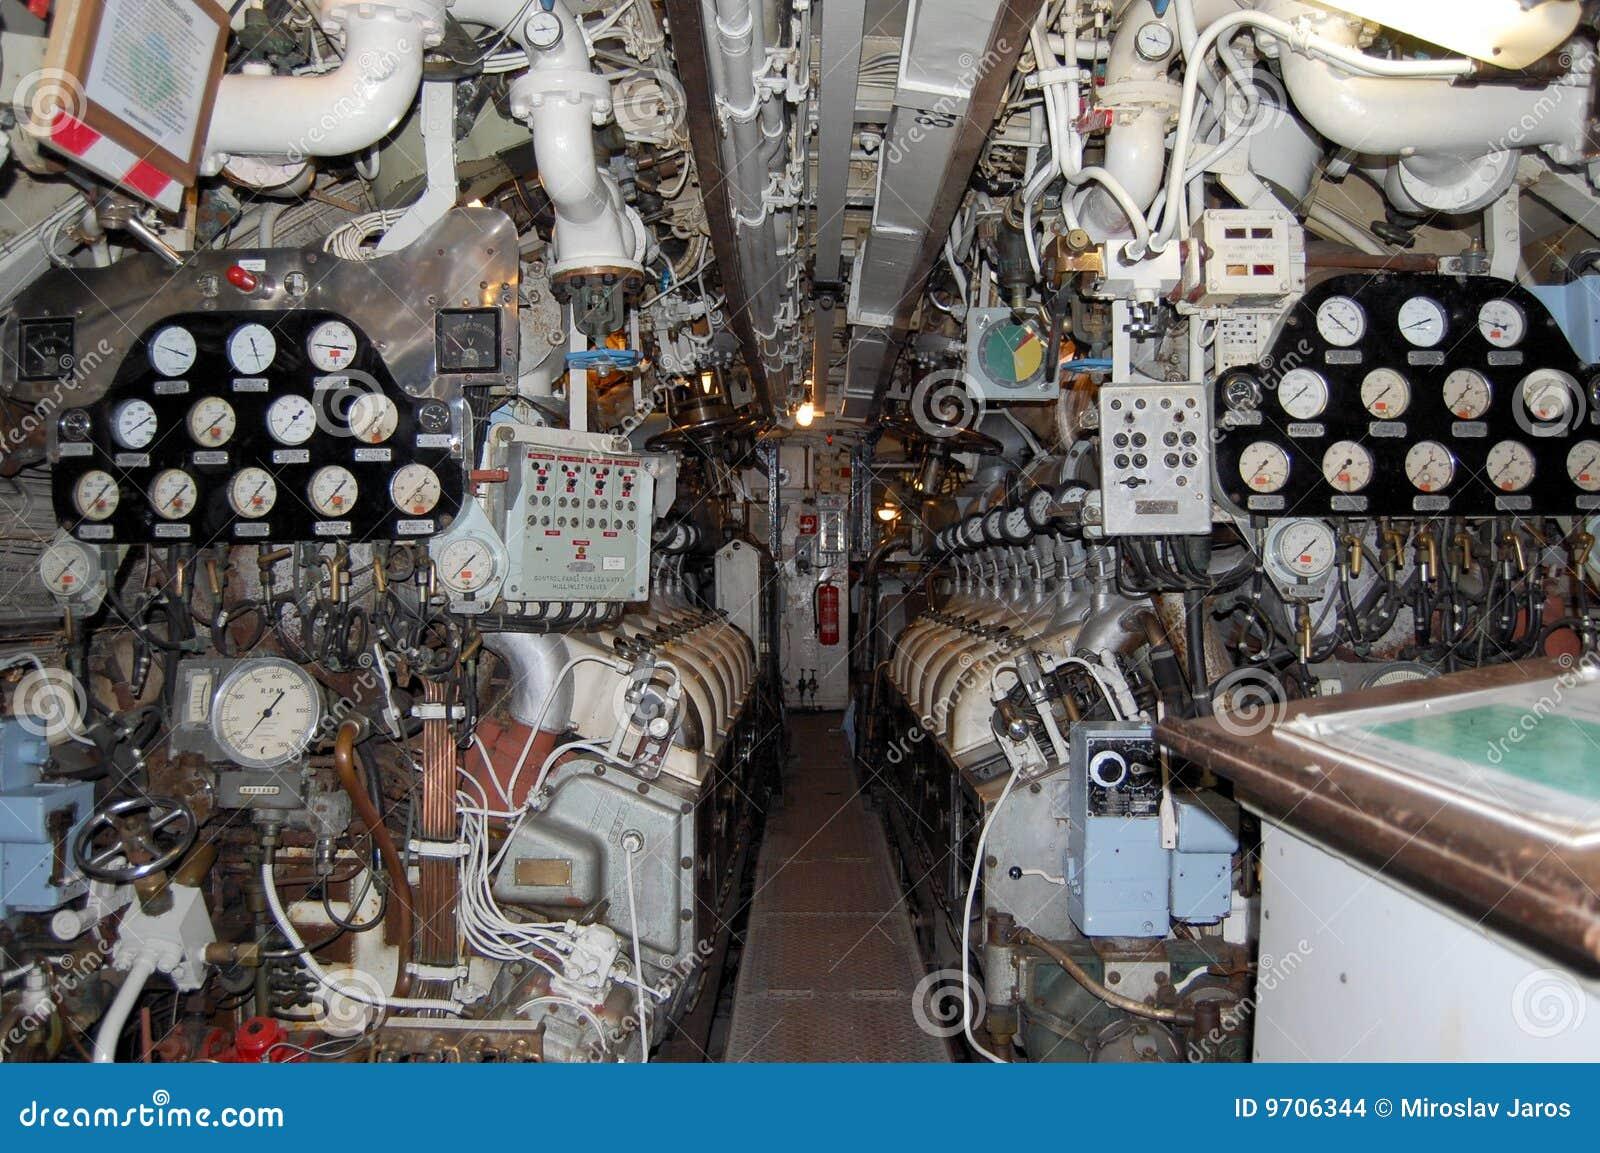 Submarine engine room